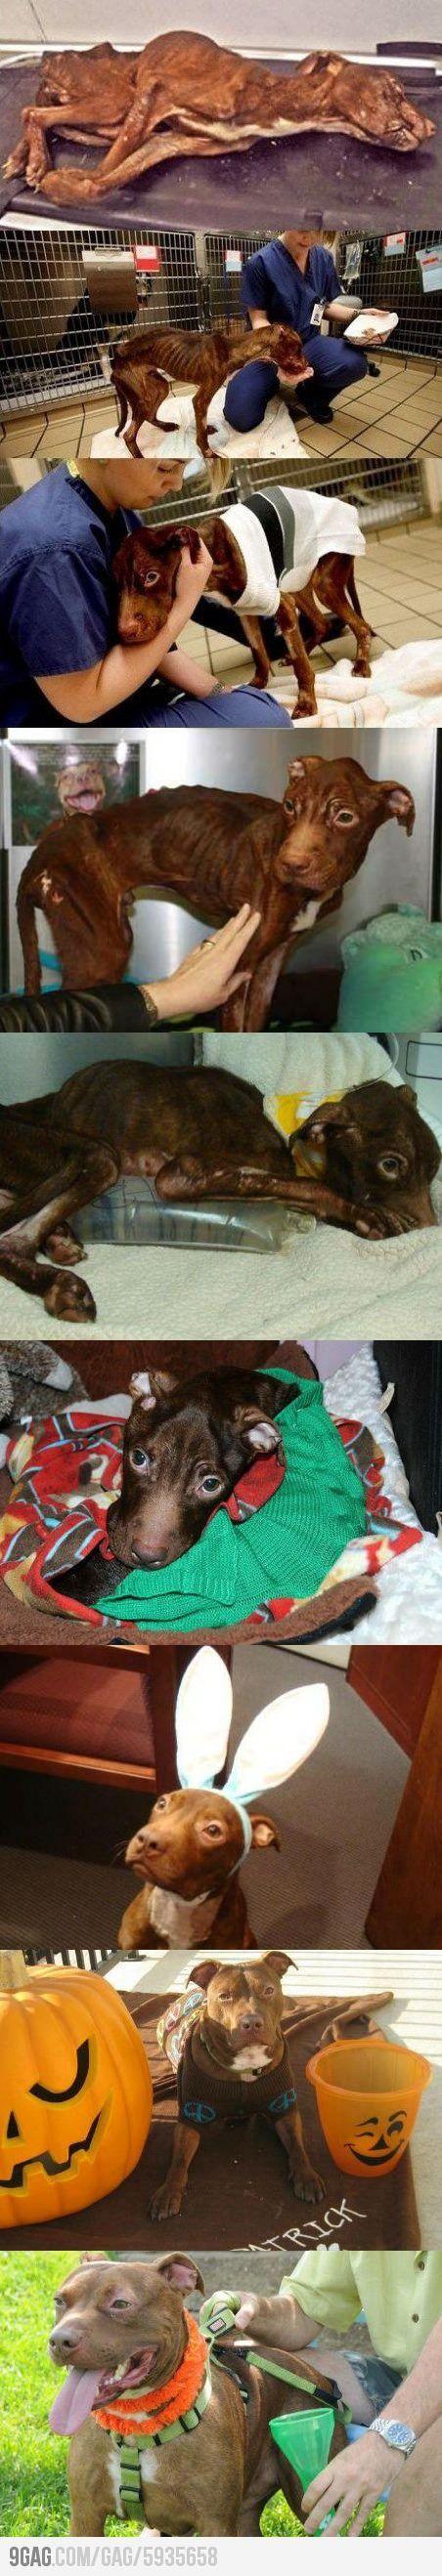 Animal abuse needs to stop.